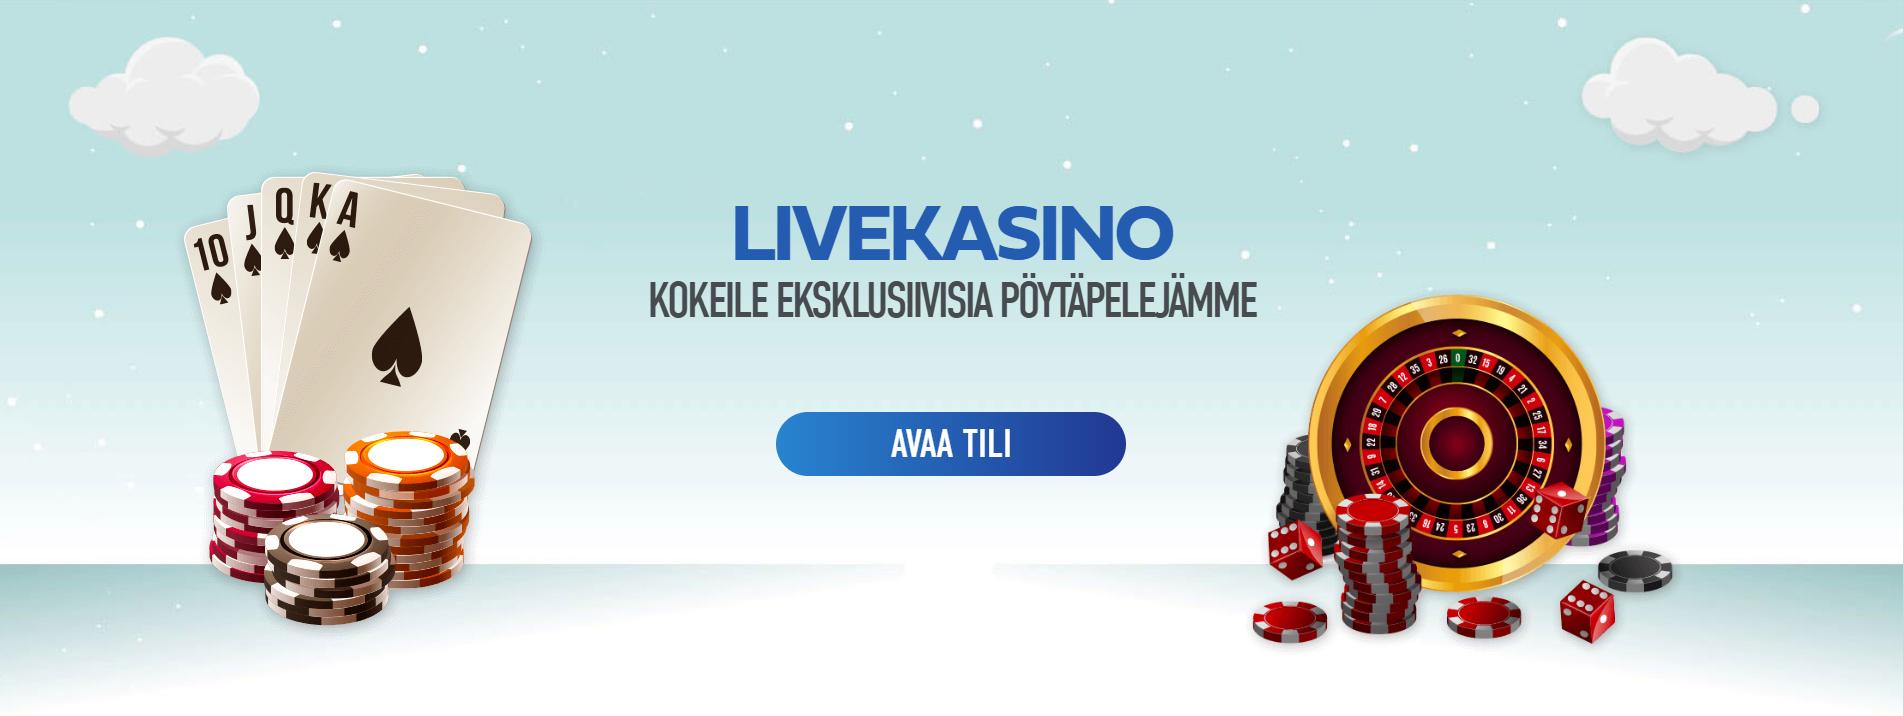 Slotnite Casino Content Images - Finland CasinoTop 01